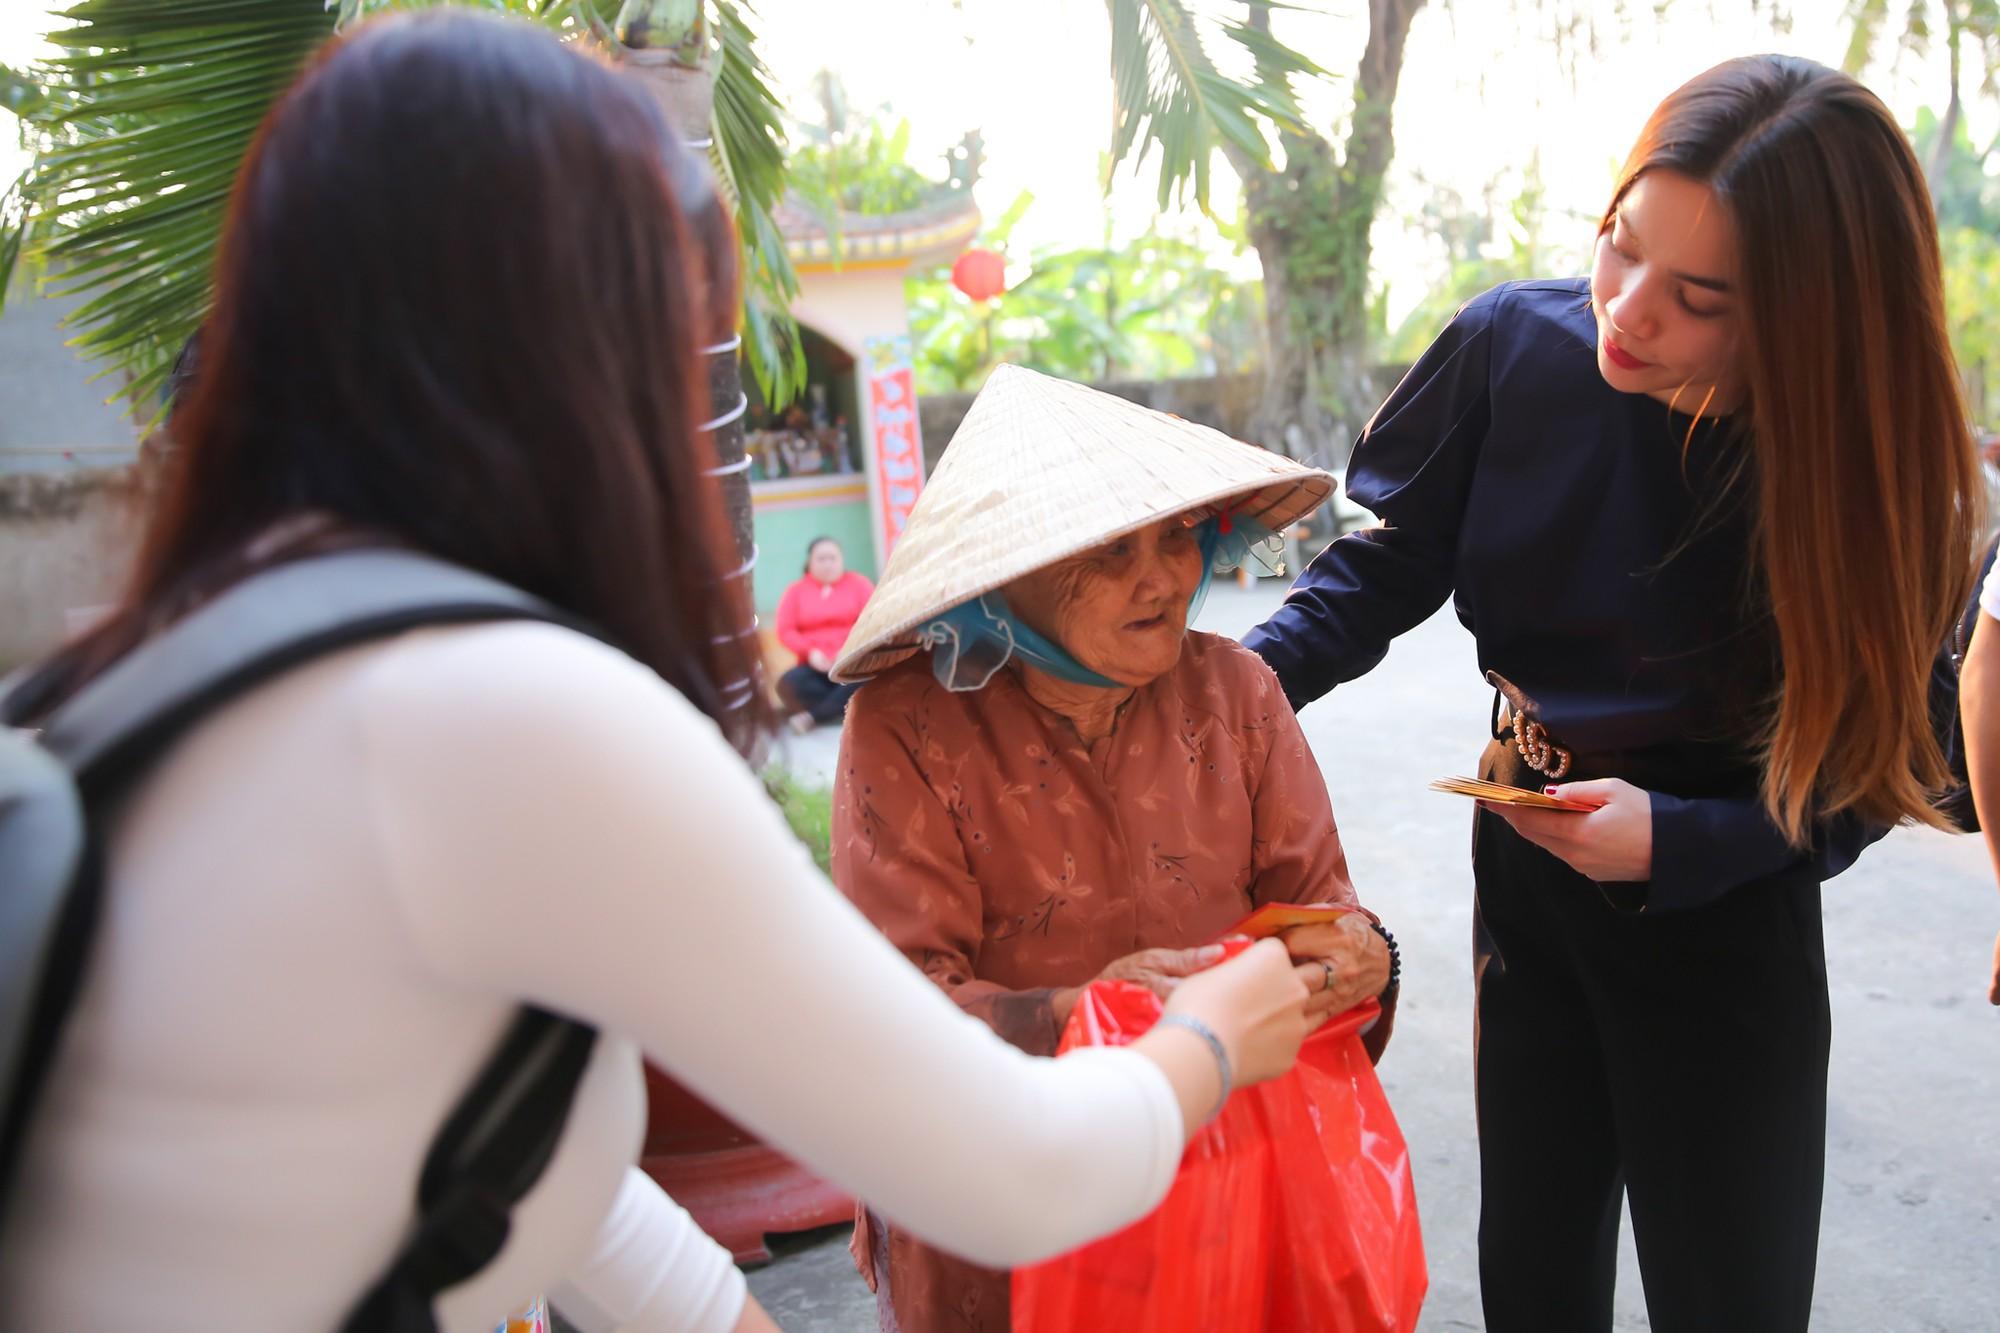 Hồ Ngọc Hà dành cả ngày làm từ thiện, đi xe máy trao quà Tết cho người vô gia cư lúc nửa đêm - Ảnh 5.